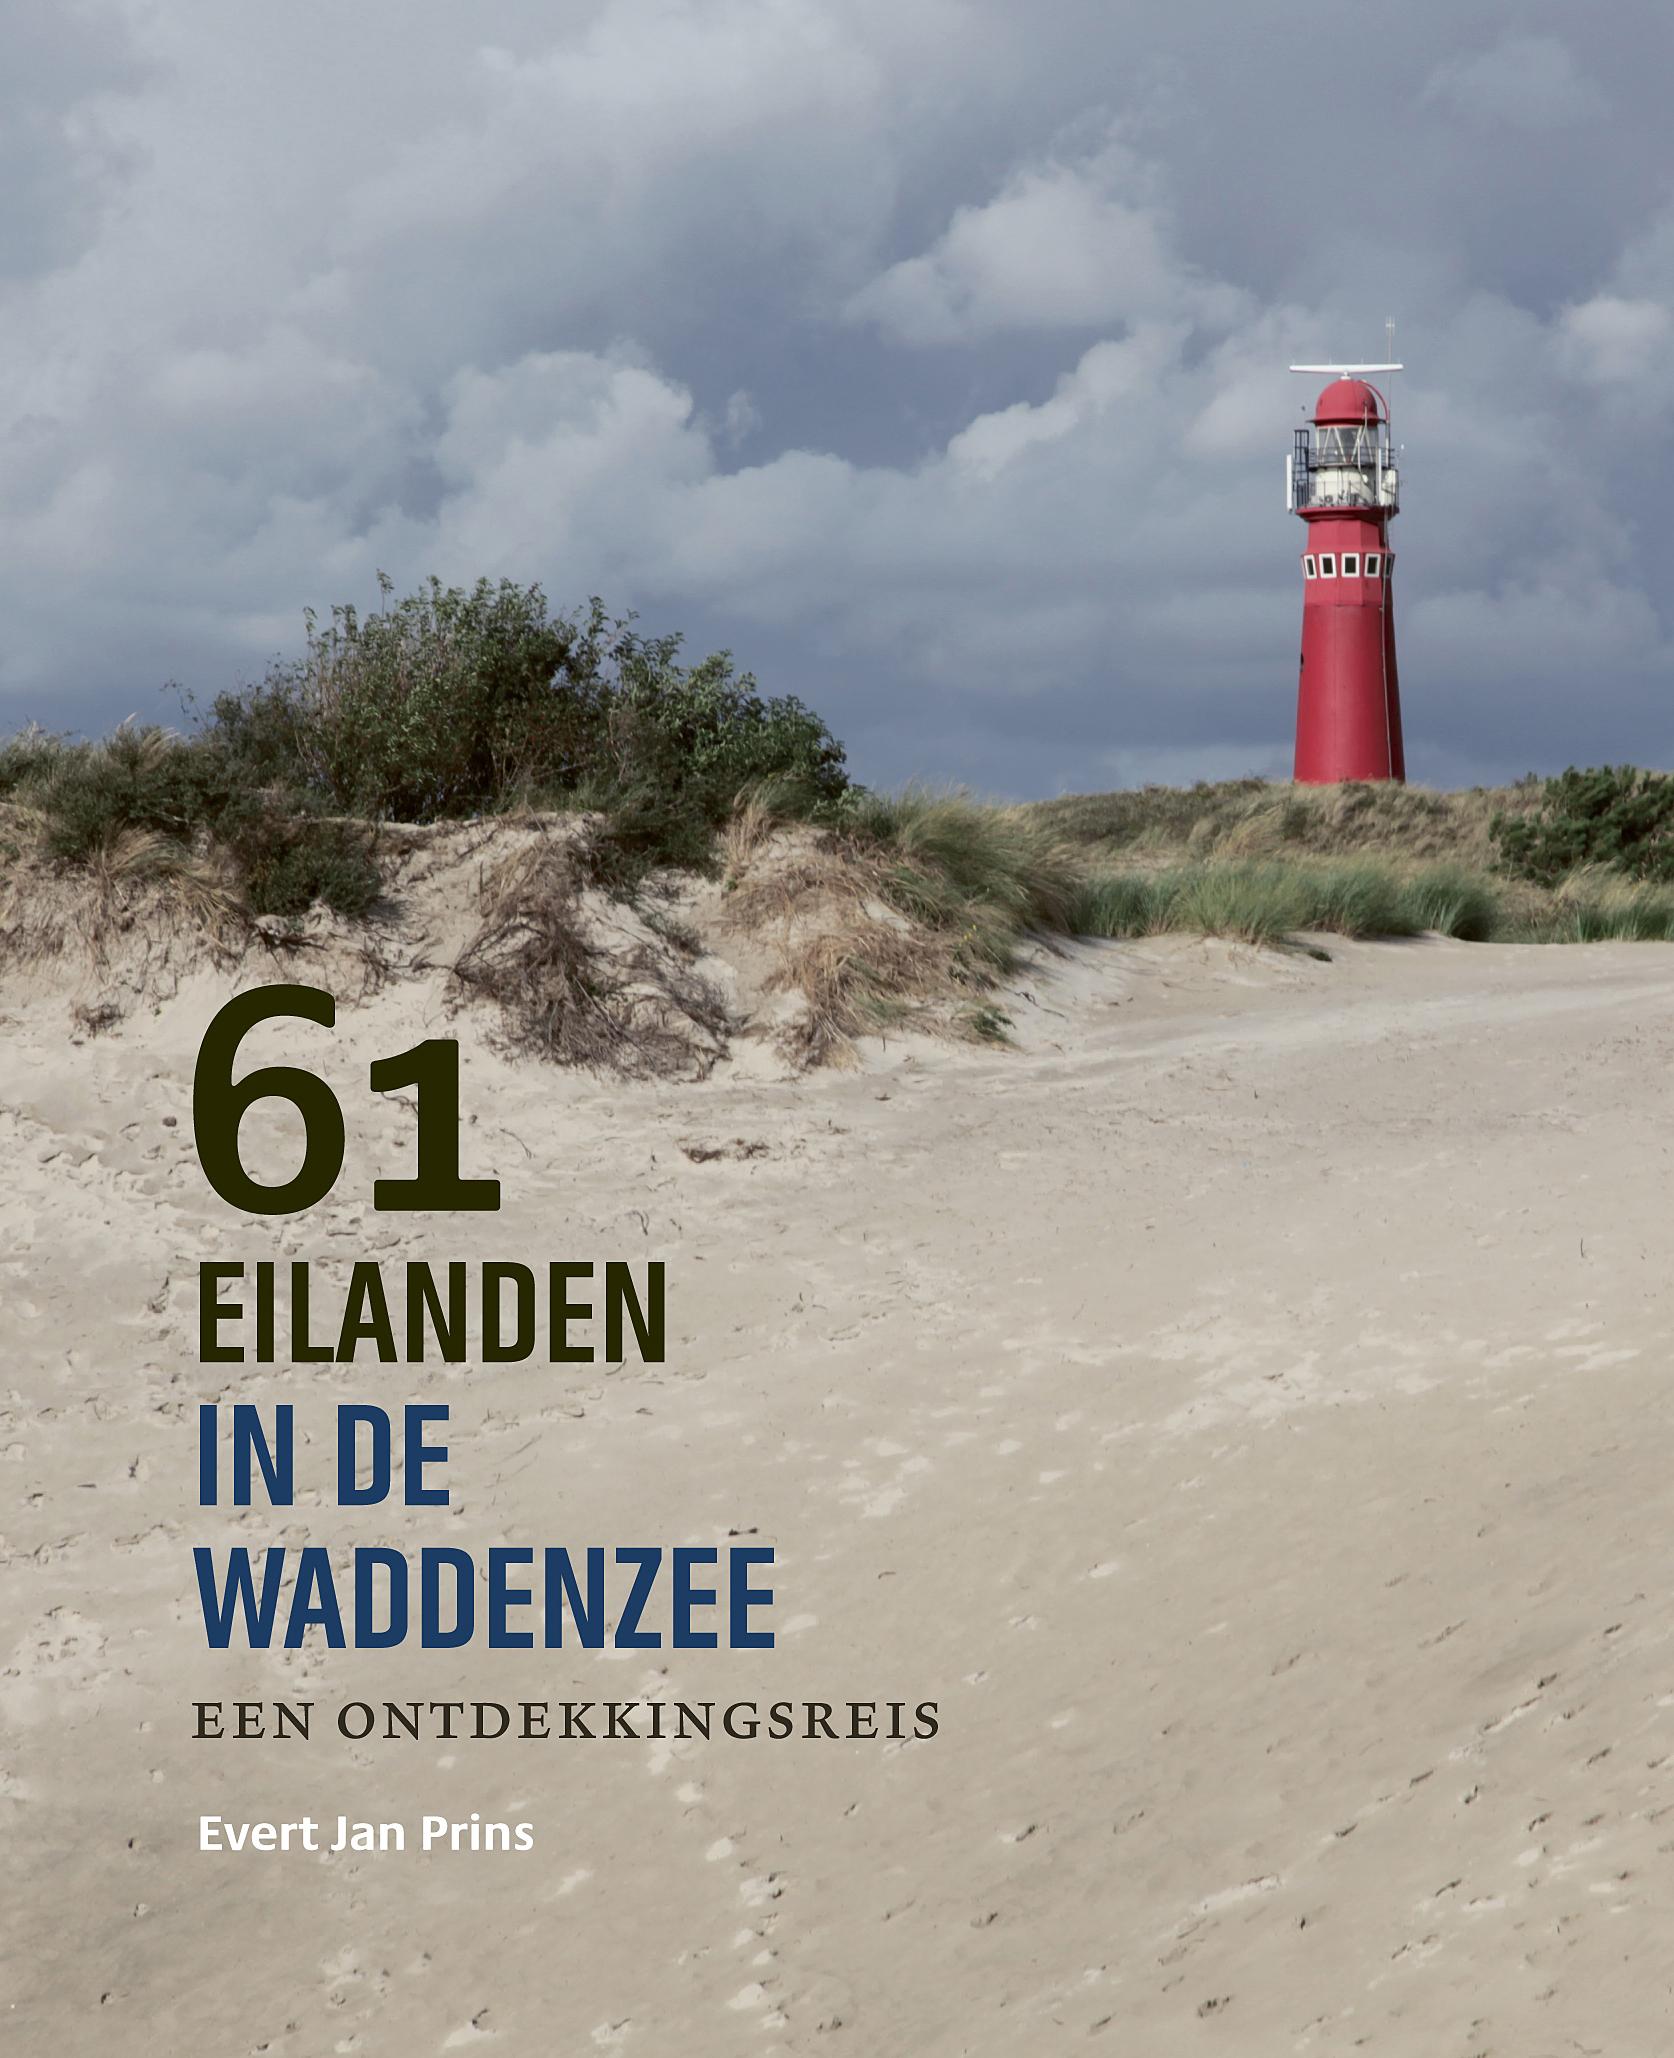 61 Eilanden in de Waddenzee 9789056156732  Noordboek   Reisgidsen Europa